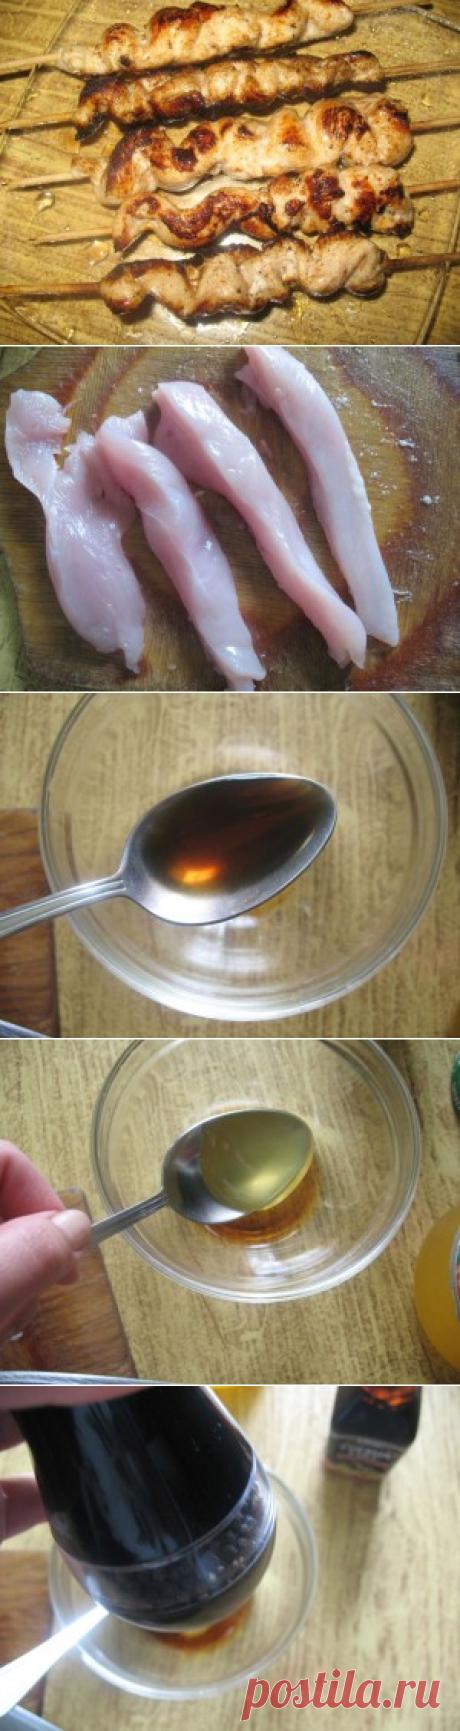 Куриные шашлычки | Кладовочка картинок